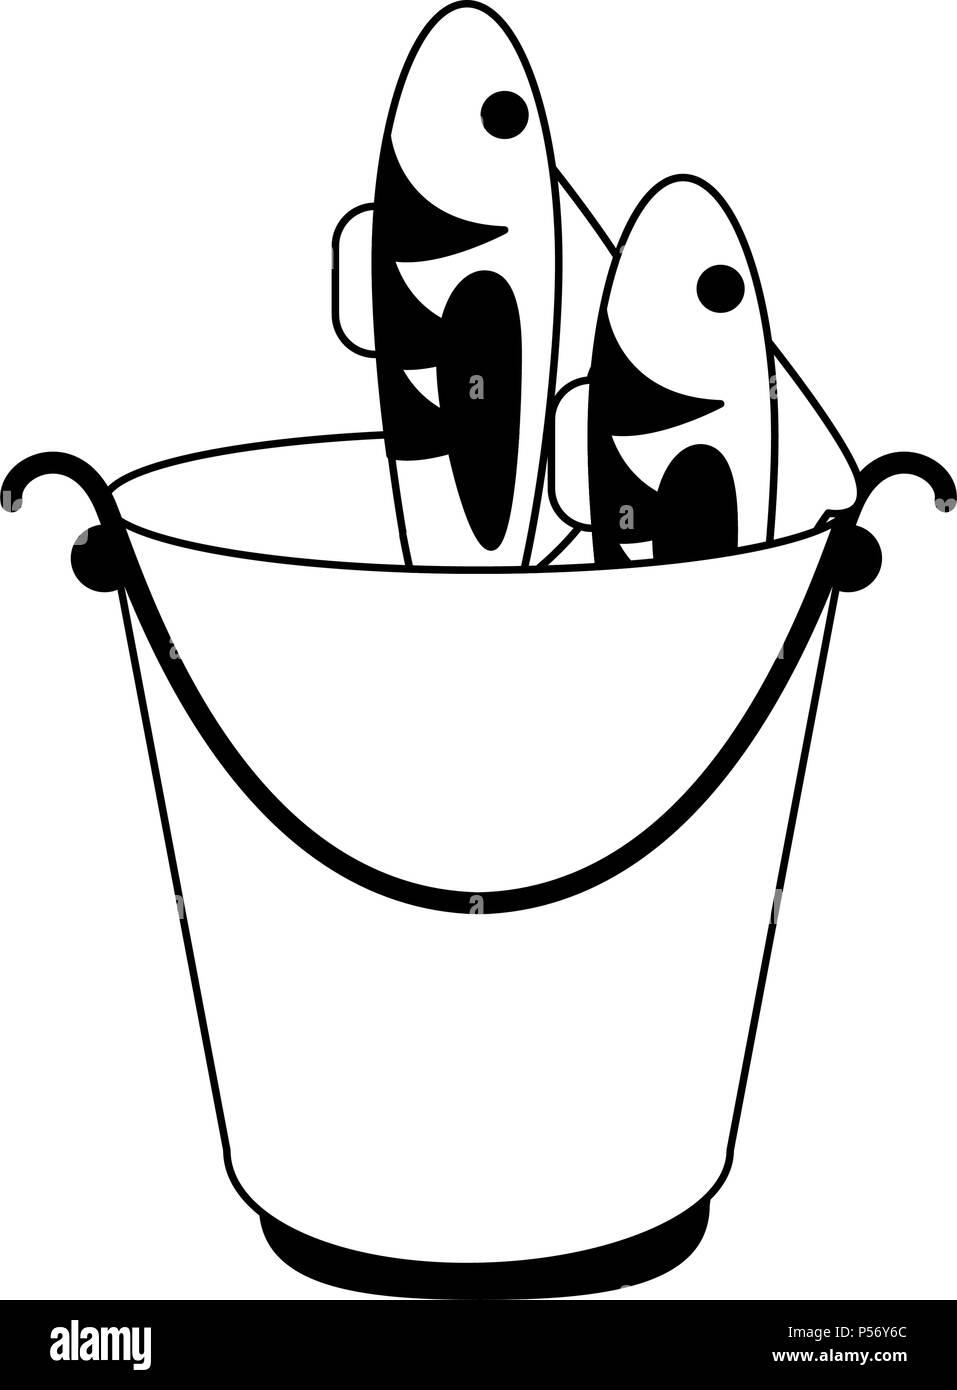 Los Peces En La Cuchara En Blanco Y Negro Ilustración Del Vector